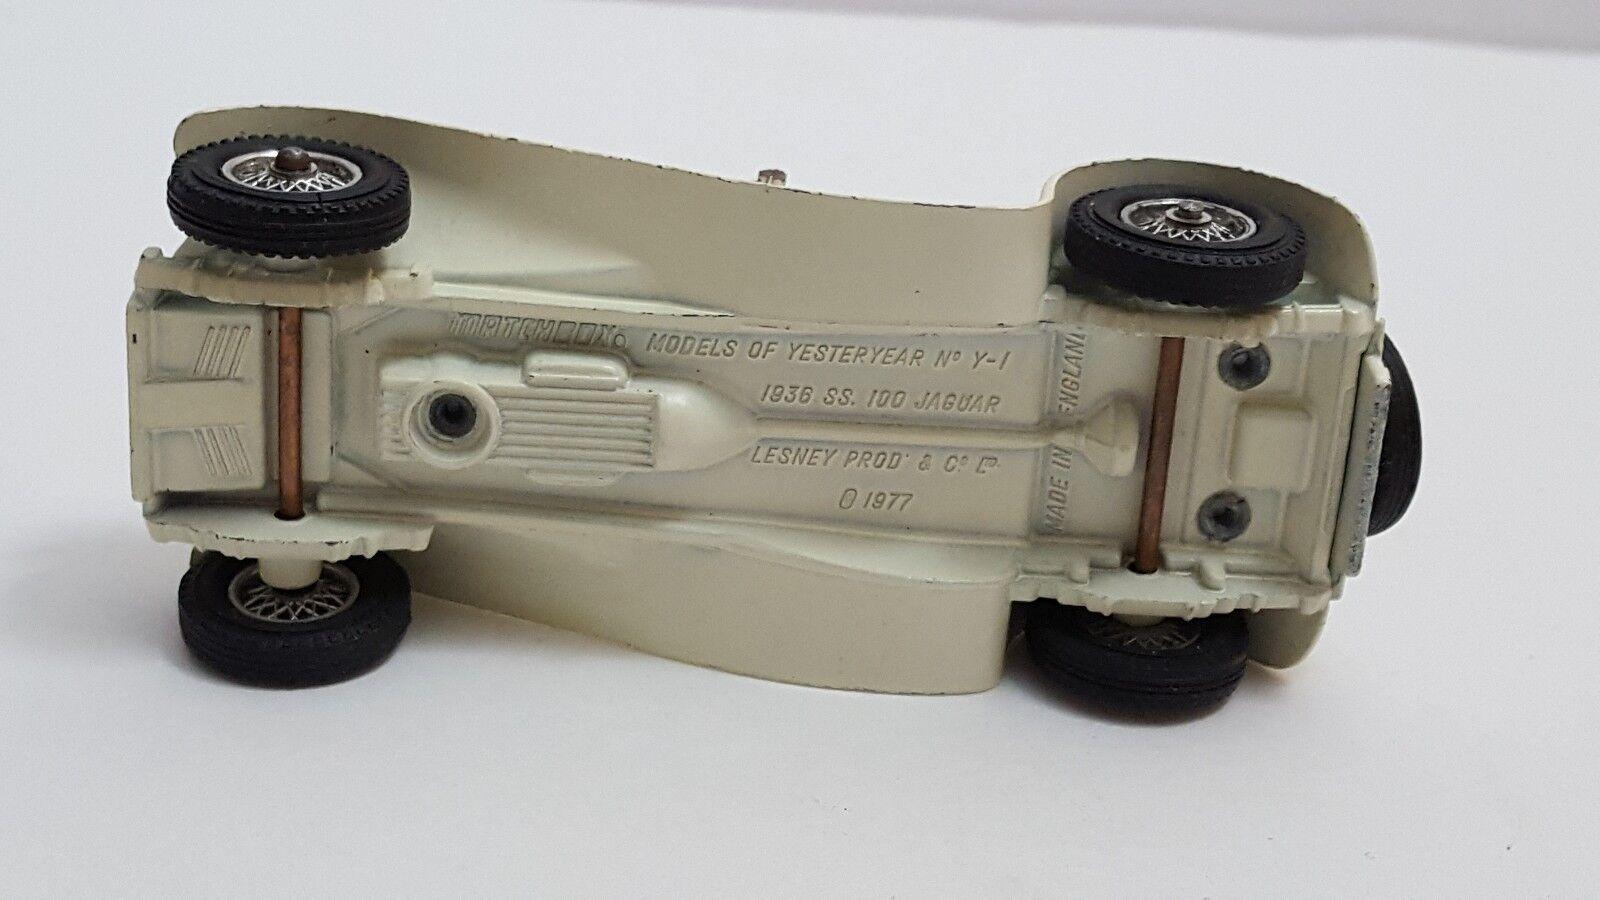 MATCHBOX MODELS OF YESTERYEAR Y1-3 Y1-3 Y1-3 1936 SS 100 JAGUAR ISSUE 1 (A16) 0365b3